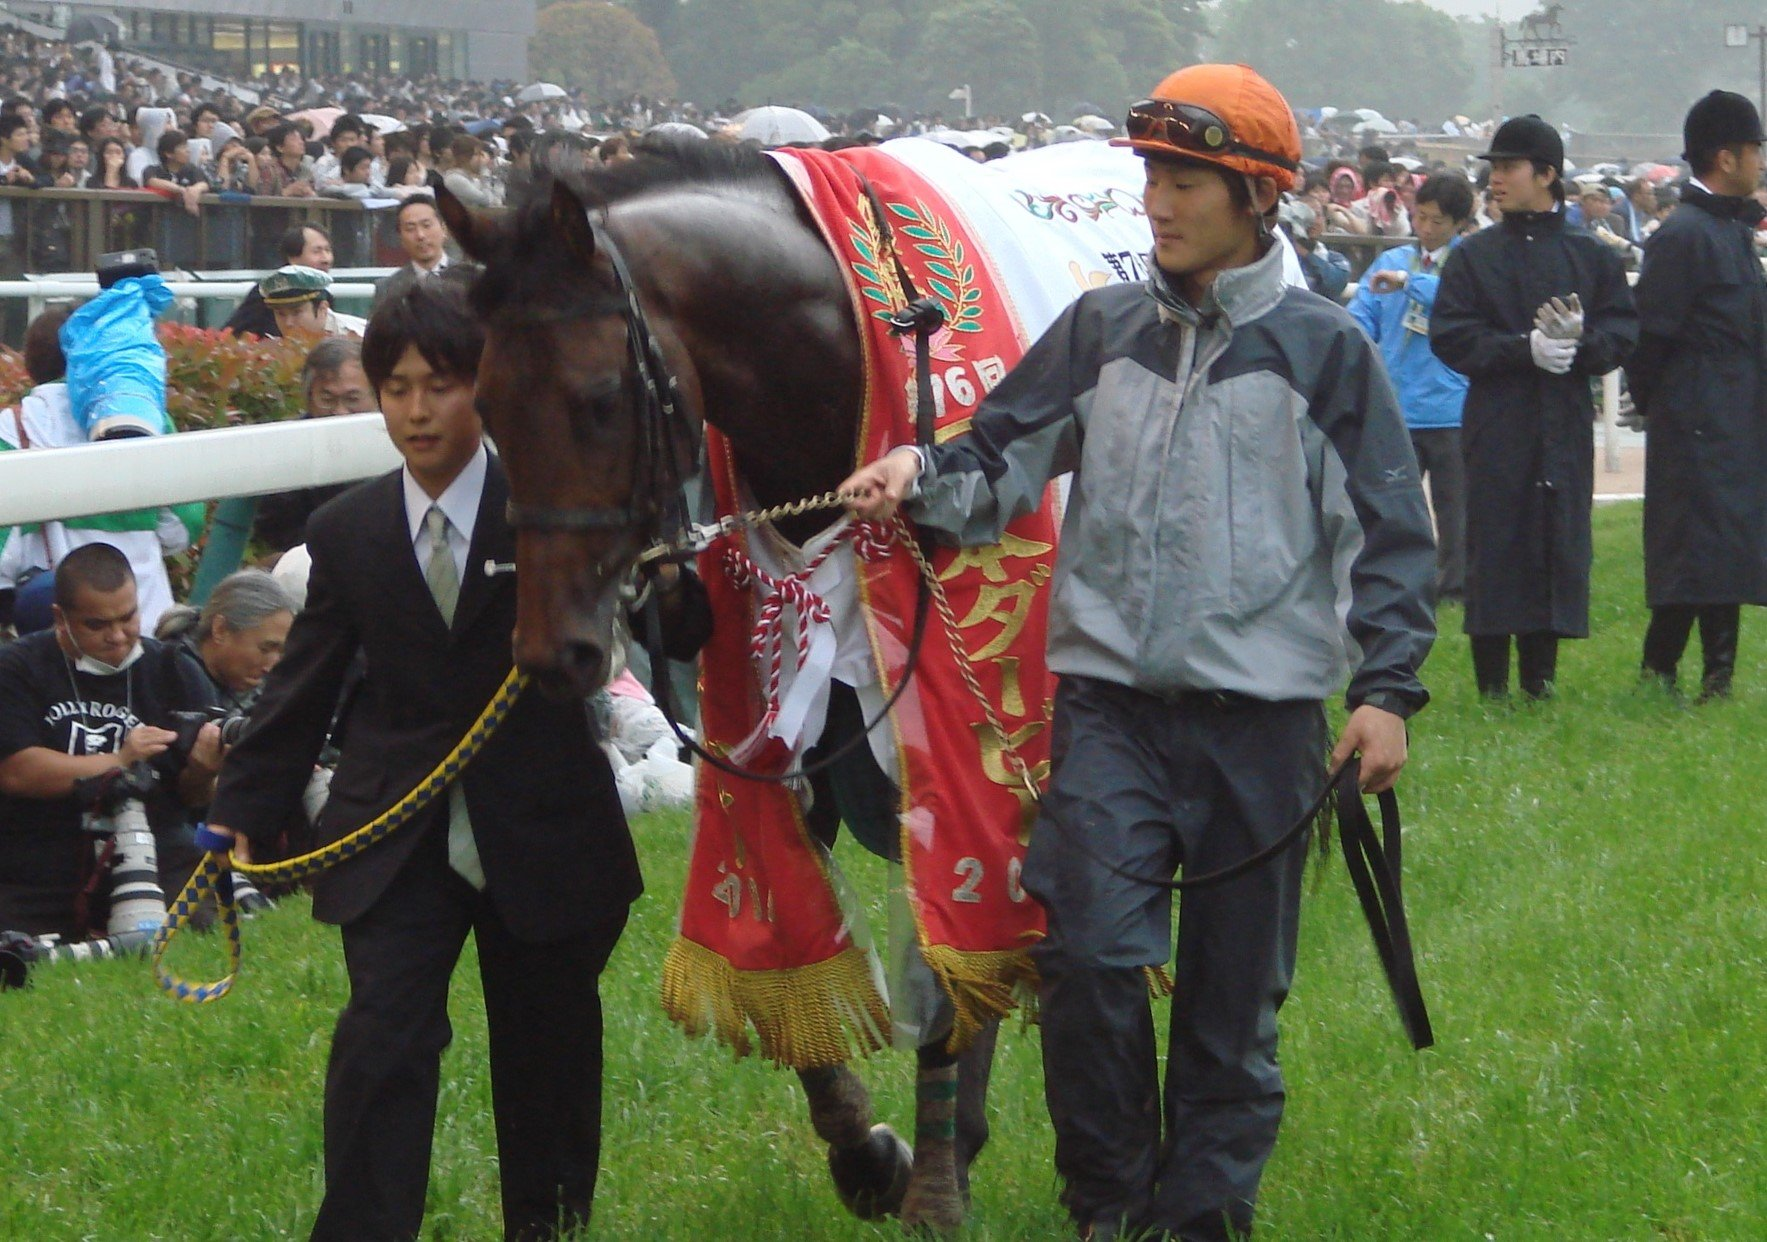 皐月賞からの復活を遂げ、ダービー馬となったロジユニヴァース